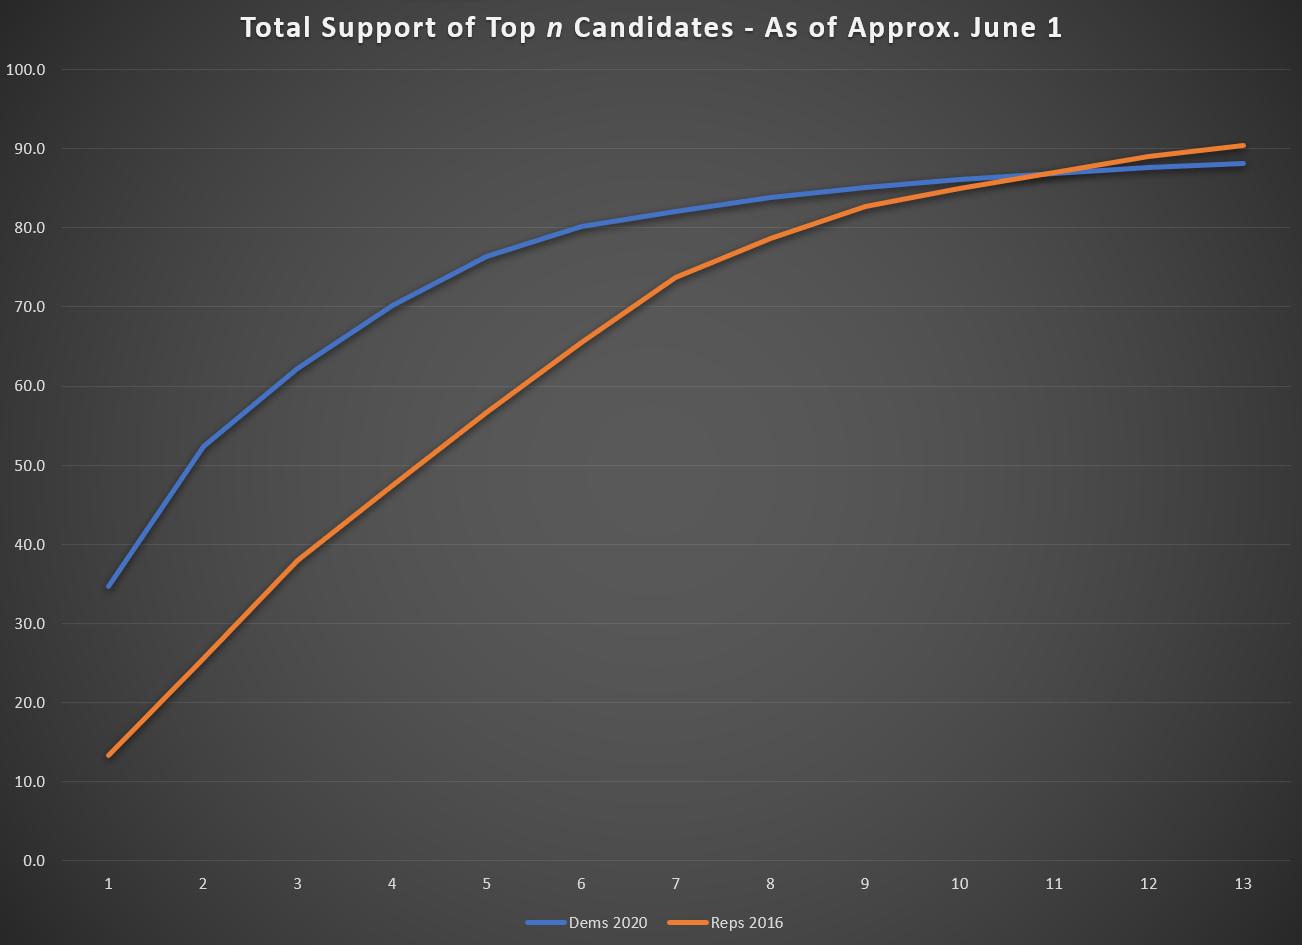 Total Support for Top n Candidates - 2020 Democrats vs. 2016 Republicans